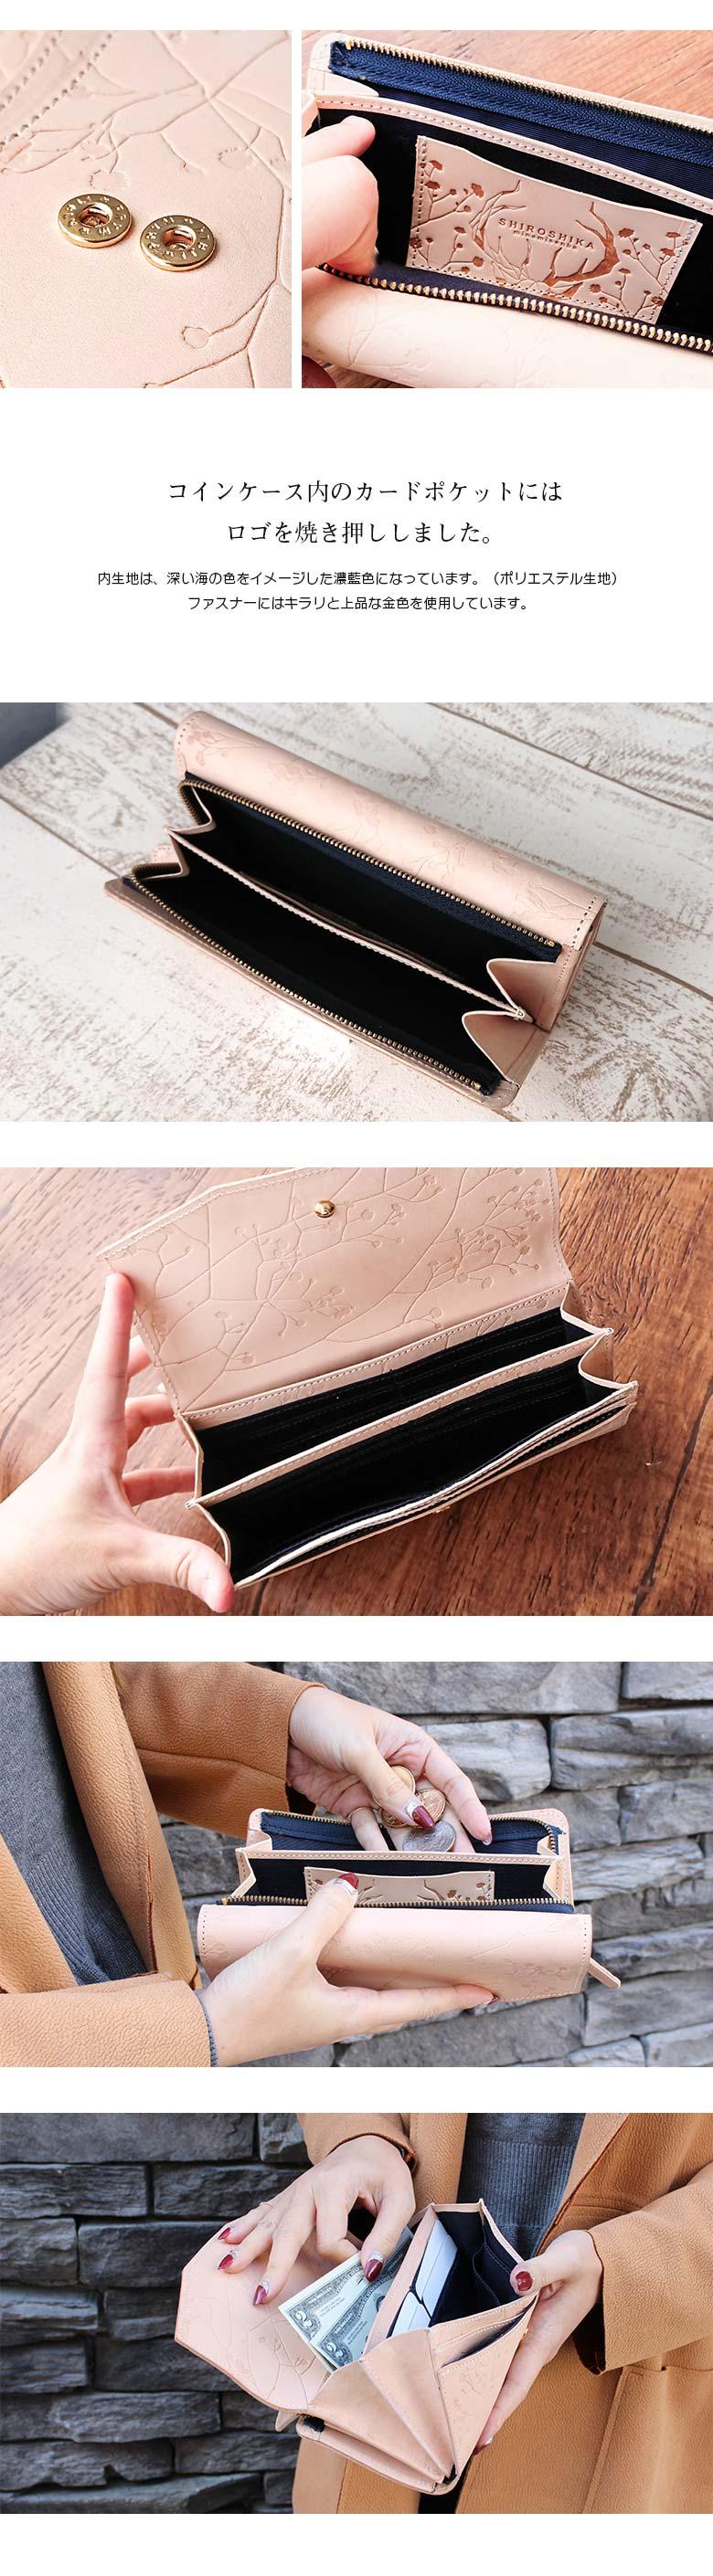 財布 通販 SHIROSHIKA シロシカ  本ヌメ革 カスミソウ オリジナル型押し 財布 ベージュ 本ヌメ革